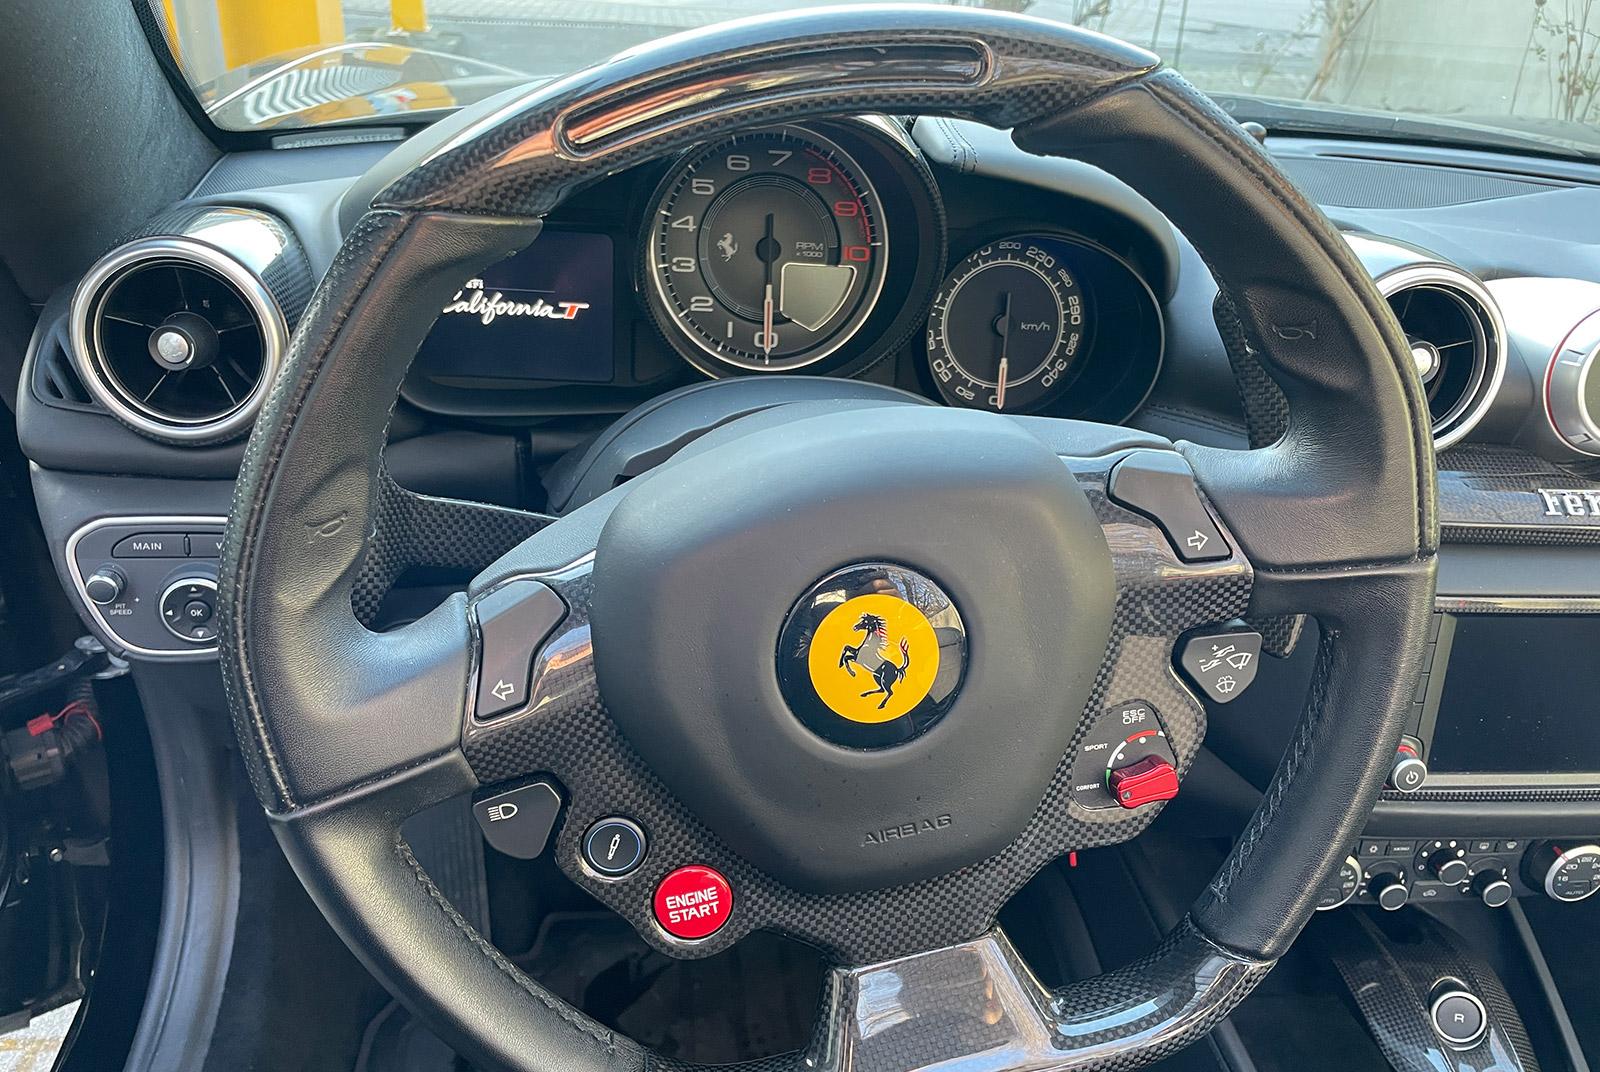 Ferrari_California_Schwarz_Schwarz_FER-6875_14